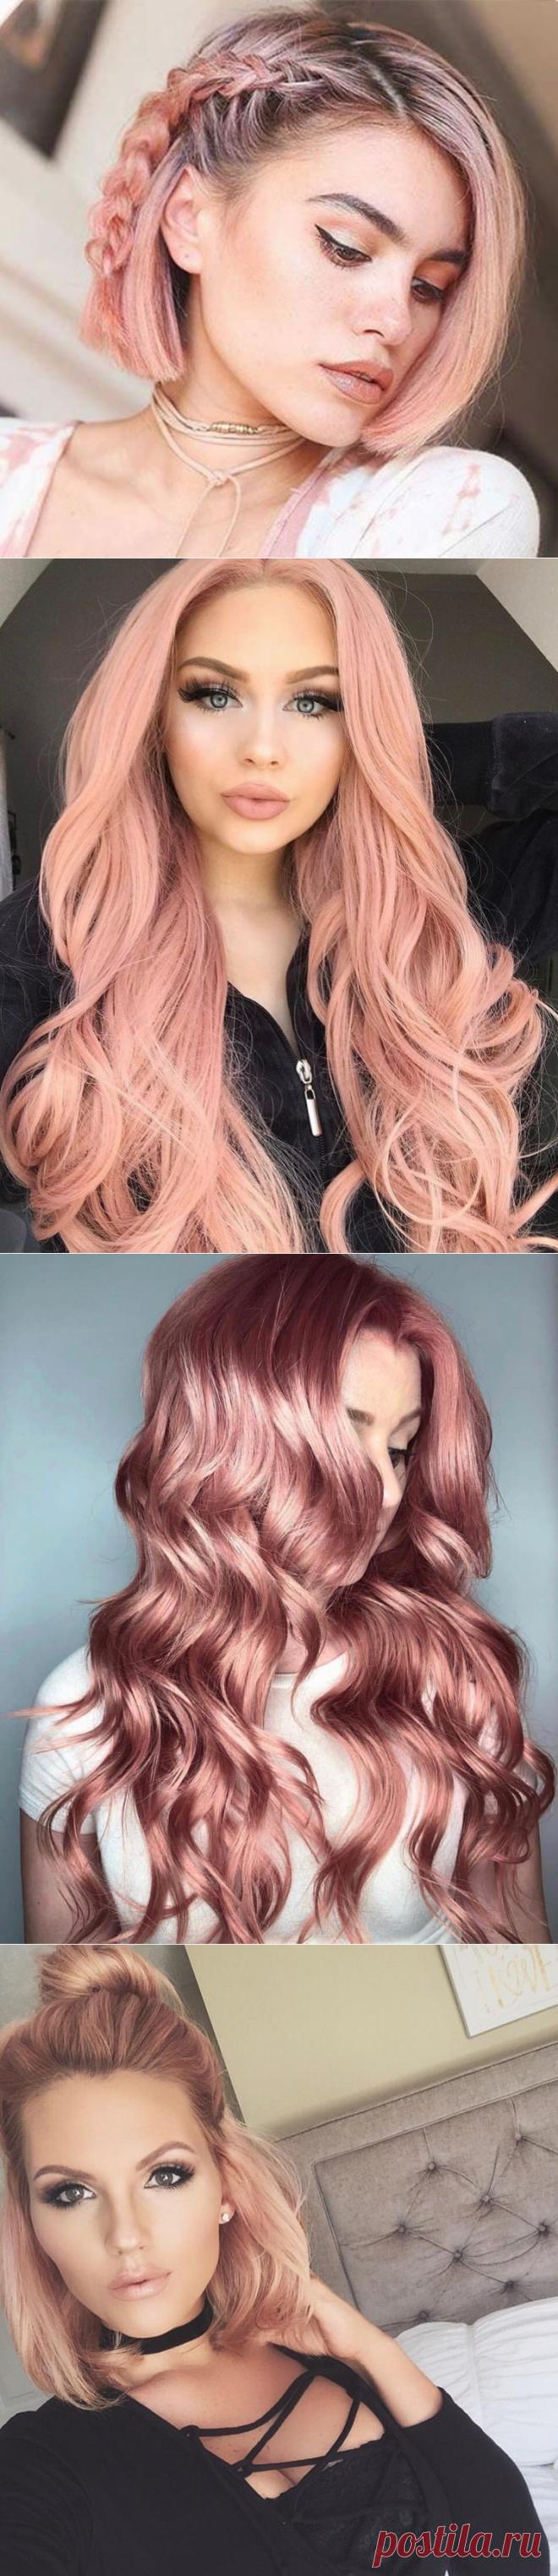 Привлеки внимание с помощью невероятно красивого цвета волос «клубничный блонд» | Новости моды